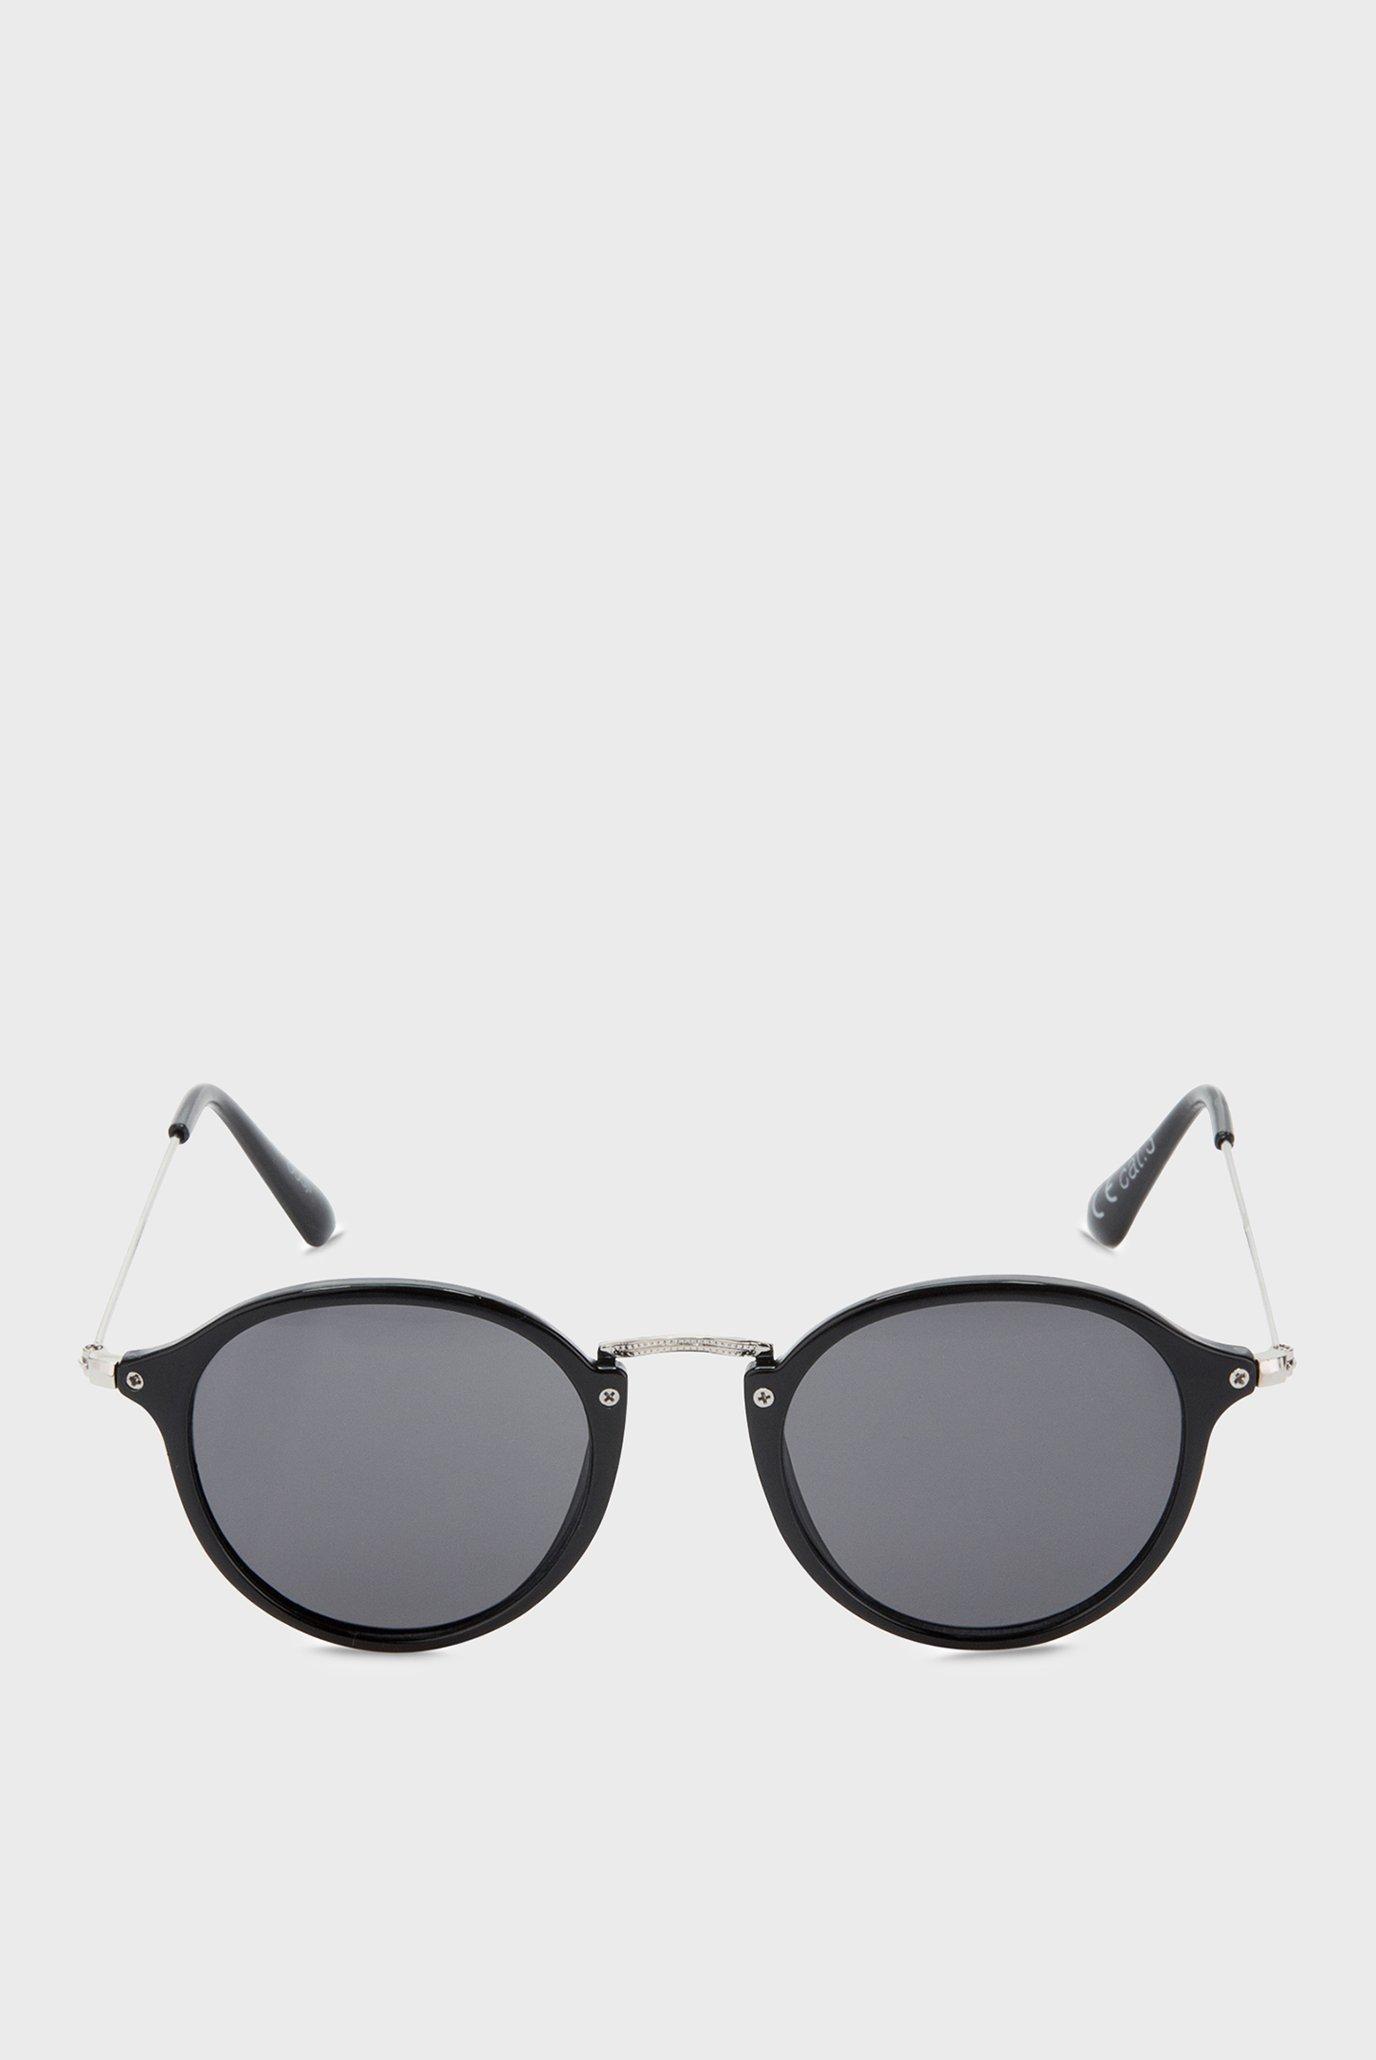 f8611227d662a Купить Женские черные солнцезащитные очки Oodji Oodji 8L080103M ...